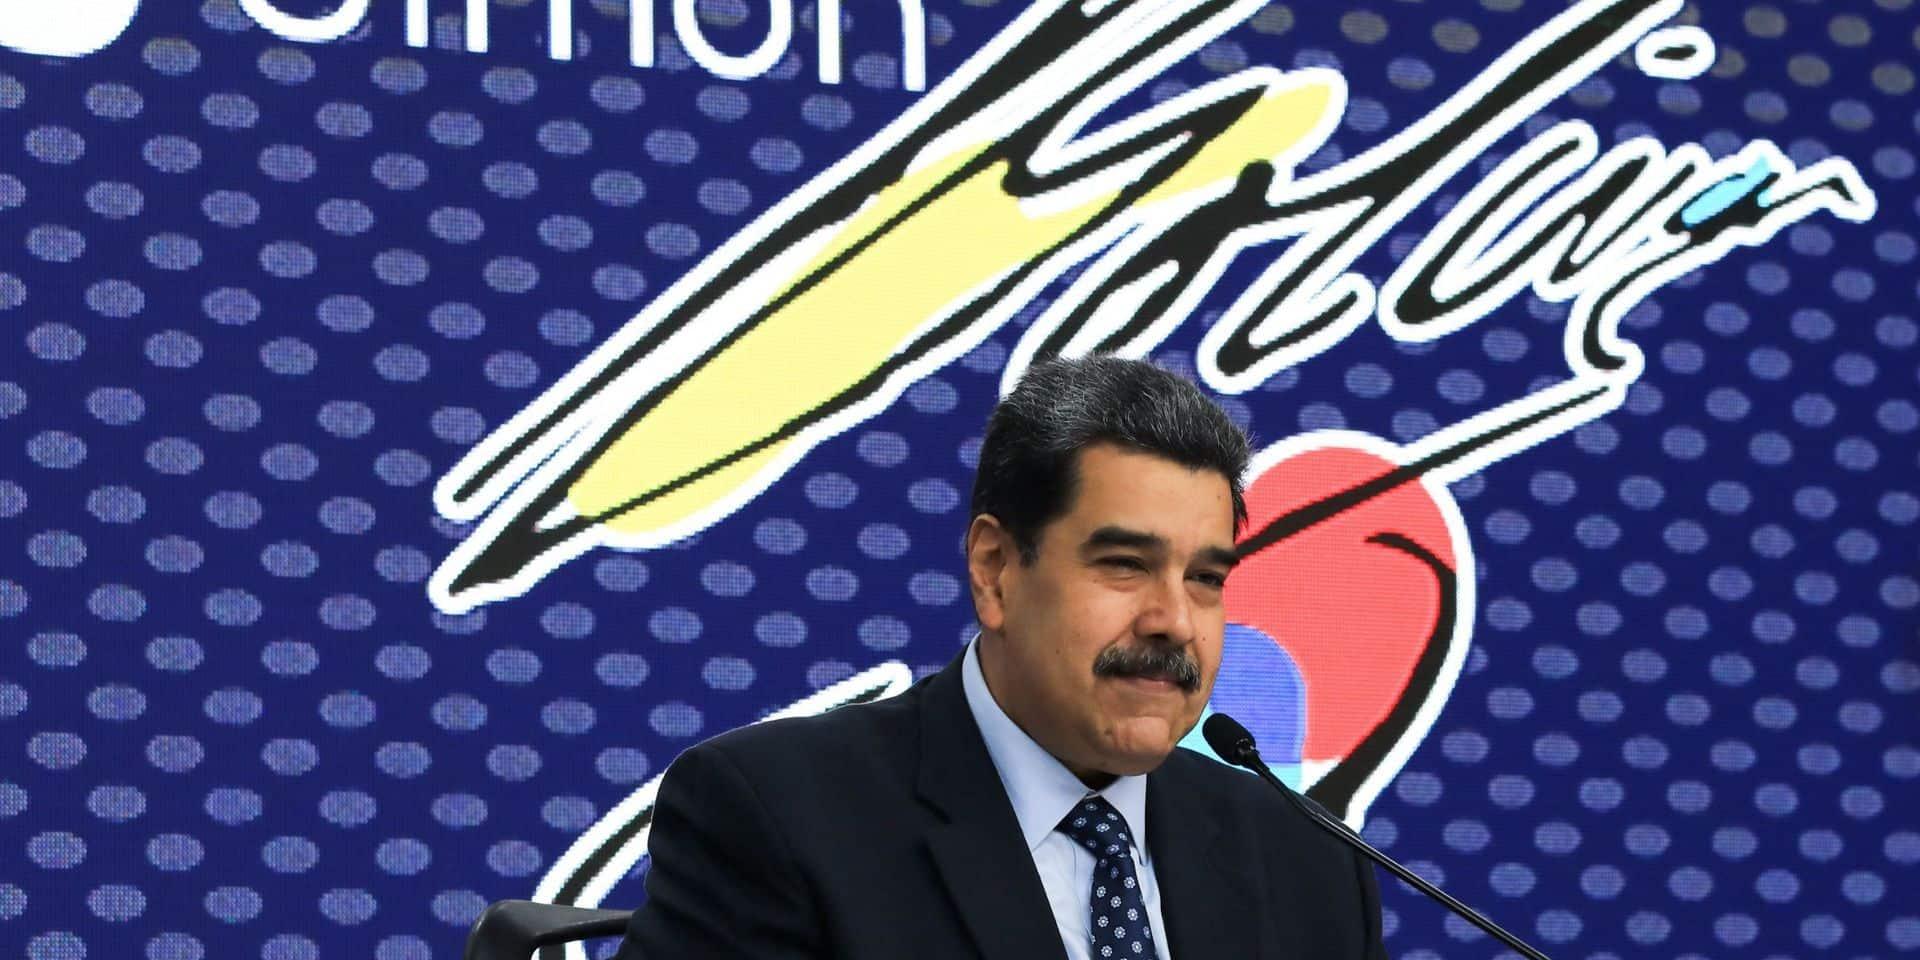 Le président vénézuélien accuse les Etats-Unis de planifier son assassinat